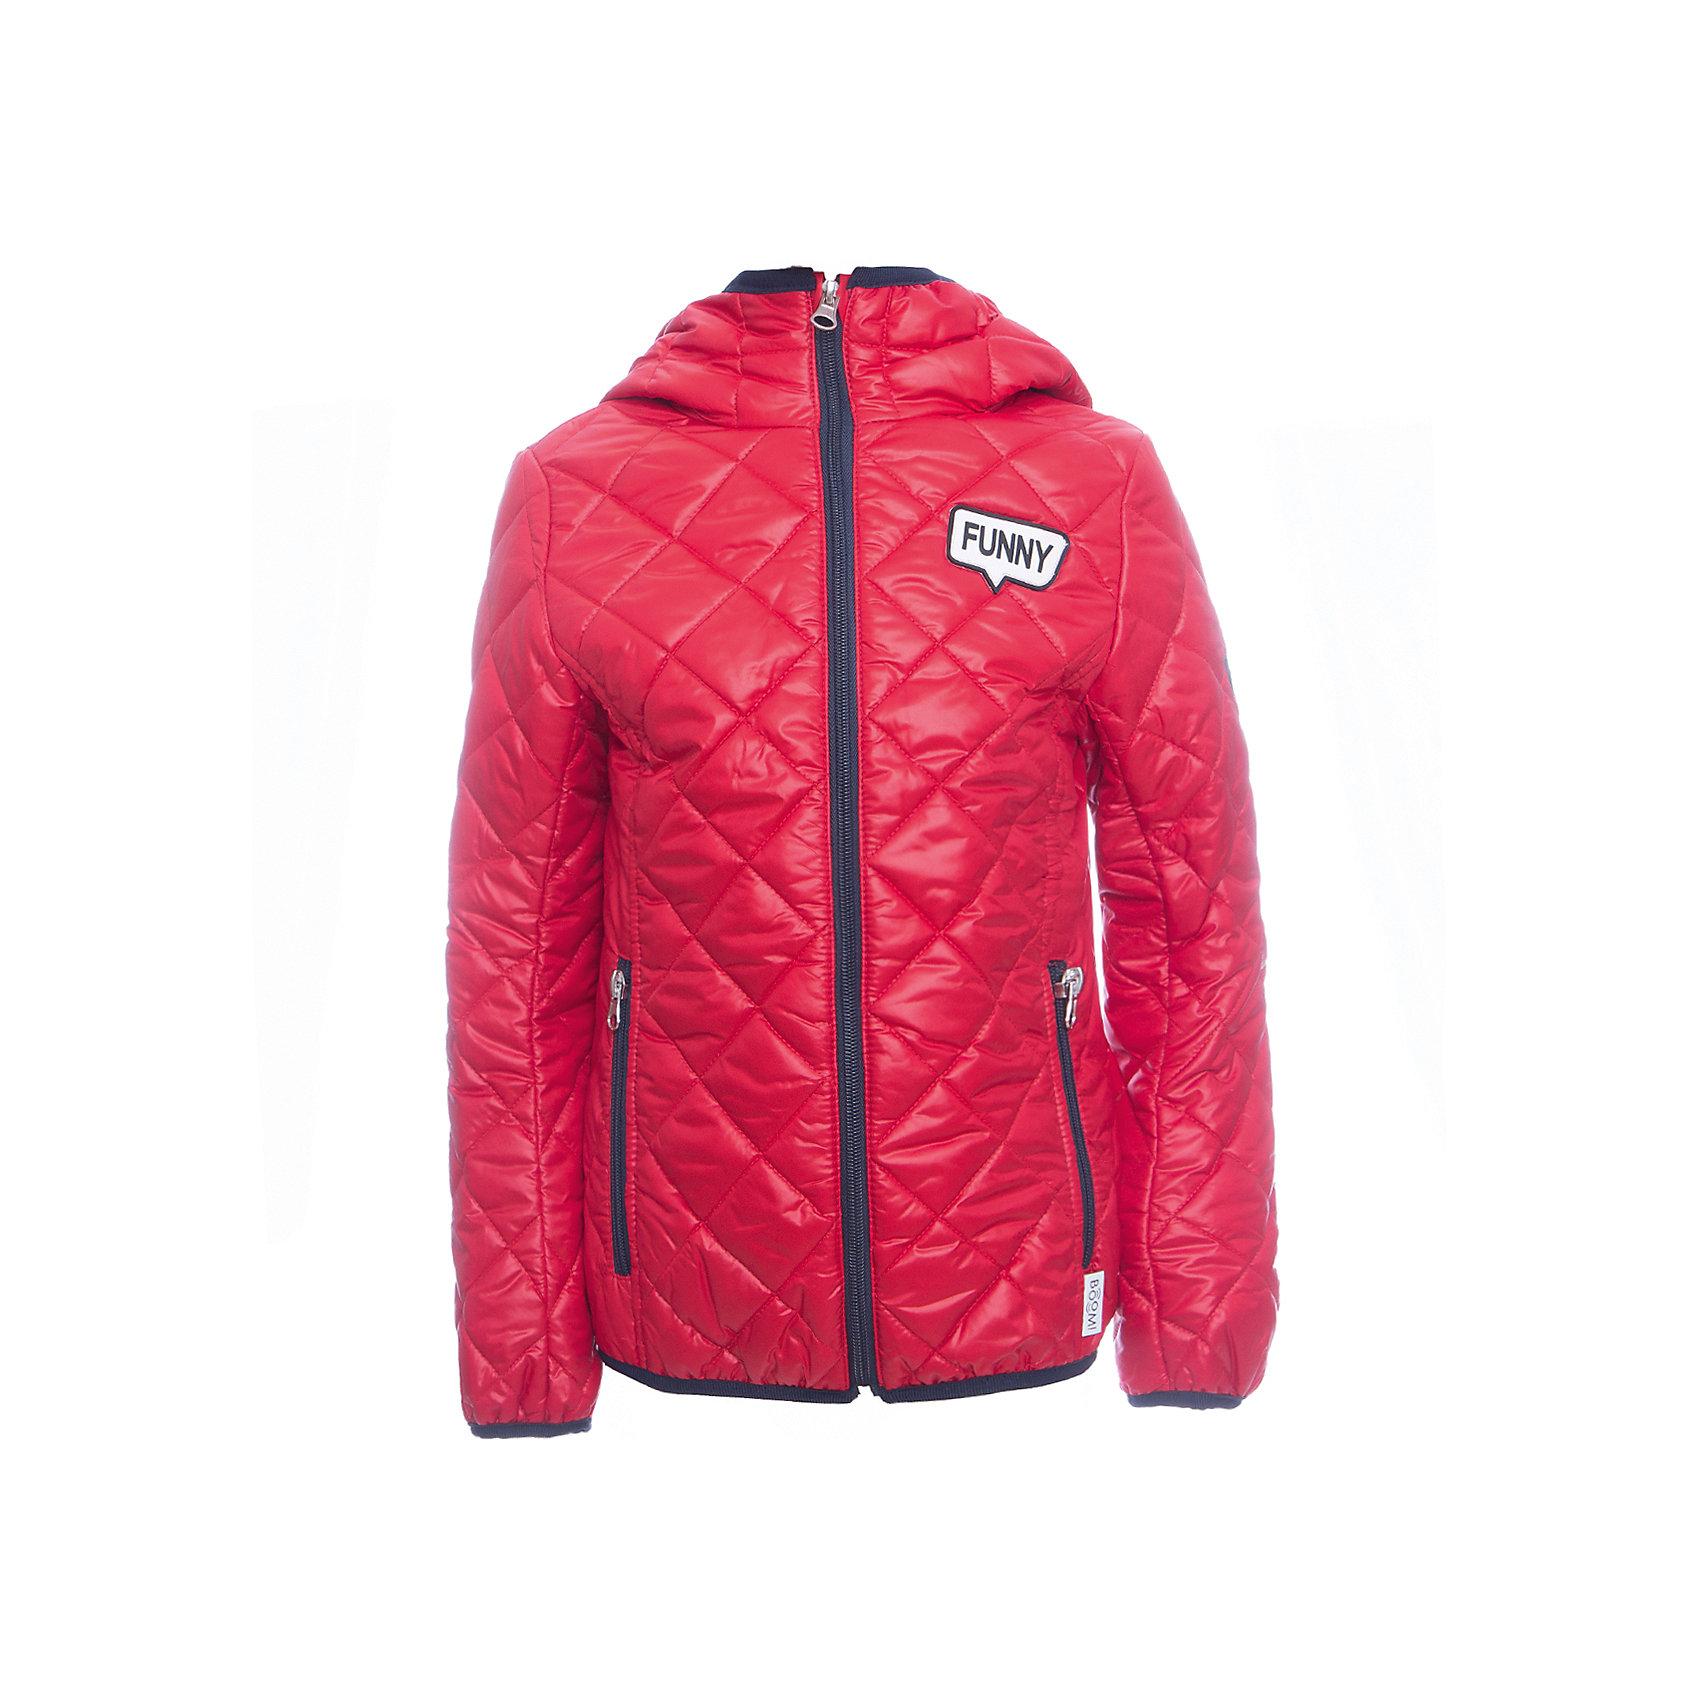 Куртка BOOM by Orby для девочкиВерхняя одежда<br>Характеристики товара:<br><br>• цвет: красный<br>• ткань верха: Таффета oil cire pu milky стеганая <br>• подкладка: ПЭ пуходержащий<br>• утеплитель: Эко синтепон 150 г/м2<br>• сезон: демисезон<br>• температурный режим: от 0°до +15°С<br>• особенности: на молнии, стеганая<br>• тип куртки: стеганая<br>• капюшон: без меха, несъемный<br>• страна бренда: Россия<br>• страна изготовитель: Россия<br><br>Демисезонная яркая курточка для девочки стильно выглядит и удобно сидит. Благодаря утеплителю, оптимальному прилеганию и капюшону такая куртка защитит ребенка от холода и сырости в демисезон. <br><br>Куртку BOOM by Orby для девочки можно купить в нашем интернет-магазине.<br><br>Ширина мм: 356<br>Глубина мм: 10<br>Высота мм: 245<br>Вес г: 519<br>Цвет: красный<br>Возраст от месяцев: 36<br>Возраст до месяцев: 48<br>Пол: Женский<br>Возраст: Детский<br>Размер: 104,110,98,116,122,128,134,140,146,152,158<br>SKU: 7007212